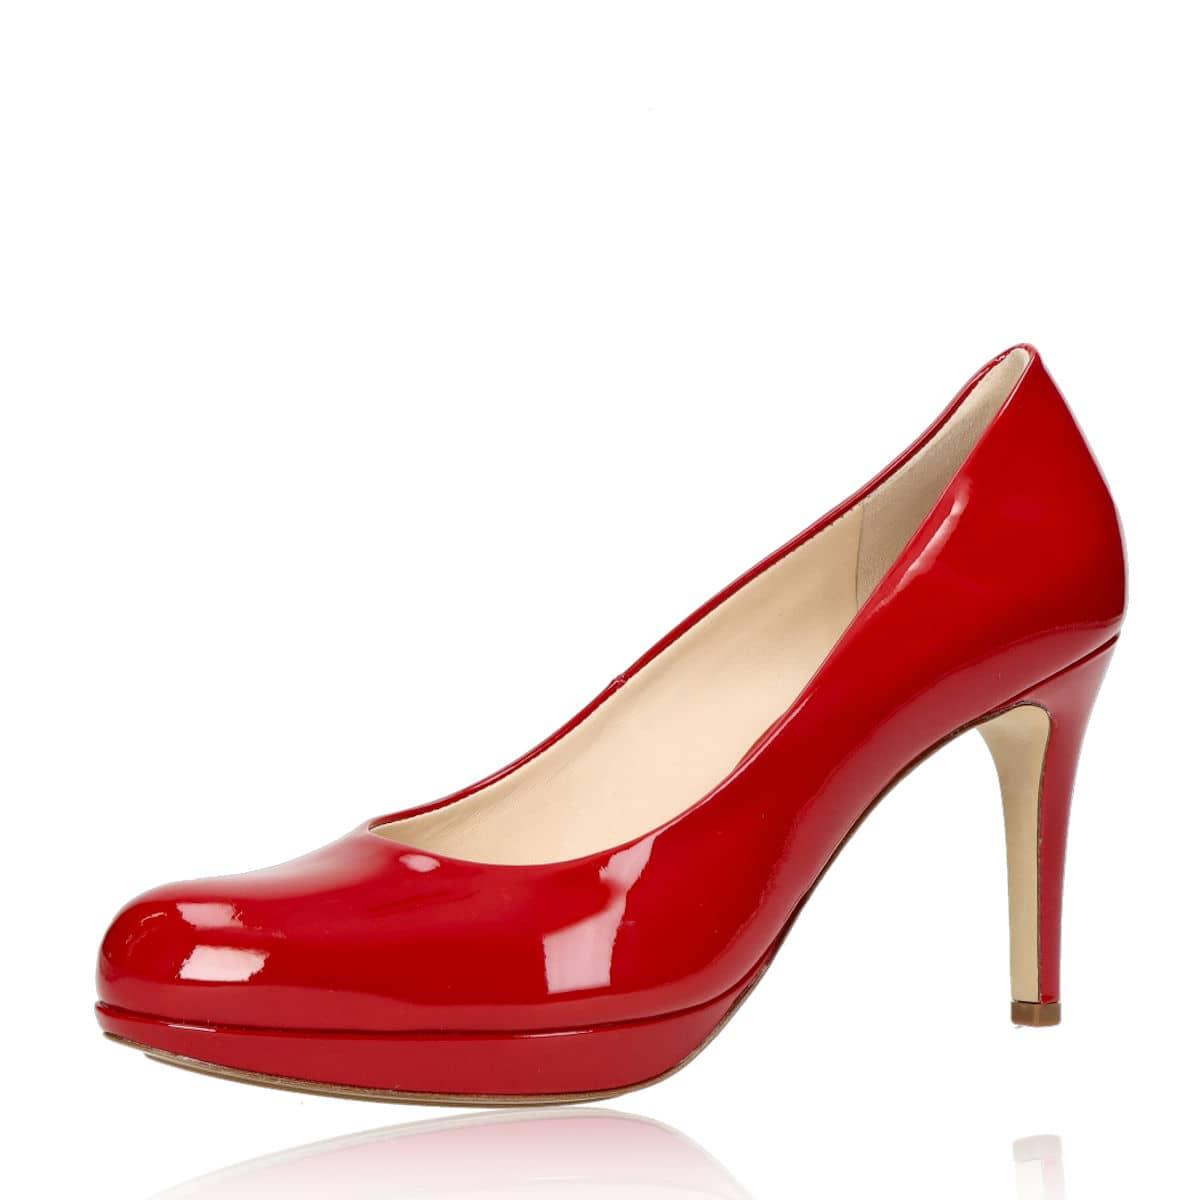 Högl dámske lodičky - červené Högl dámske lodičky - červené ... 61baff4187